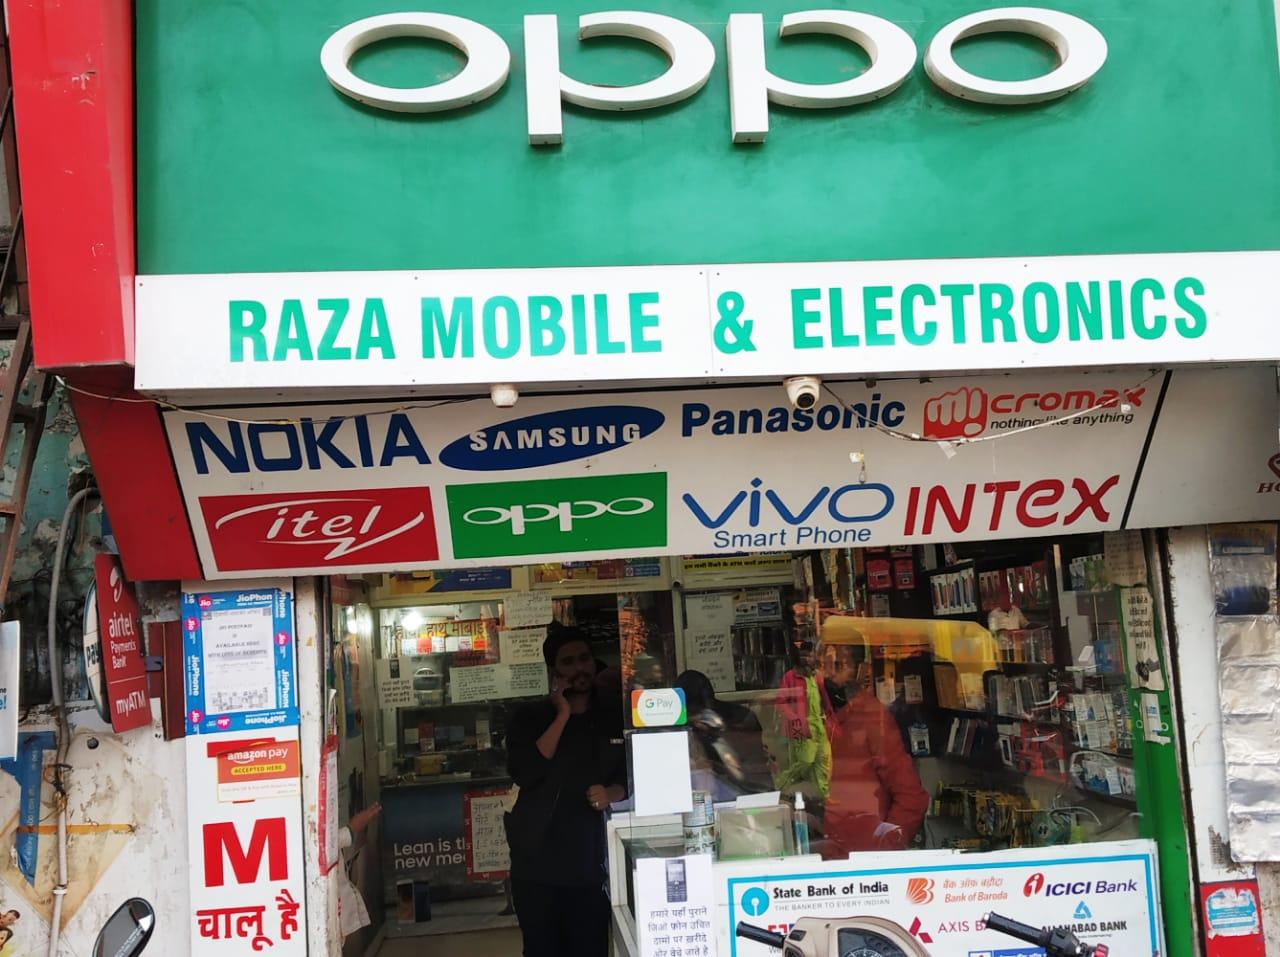 RAZA MOBILE AND ELECTRONICS